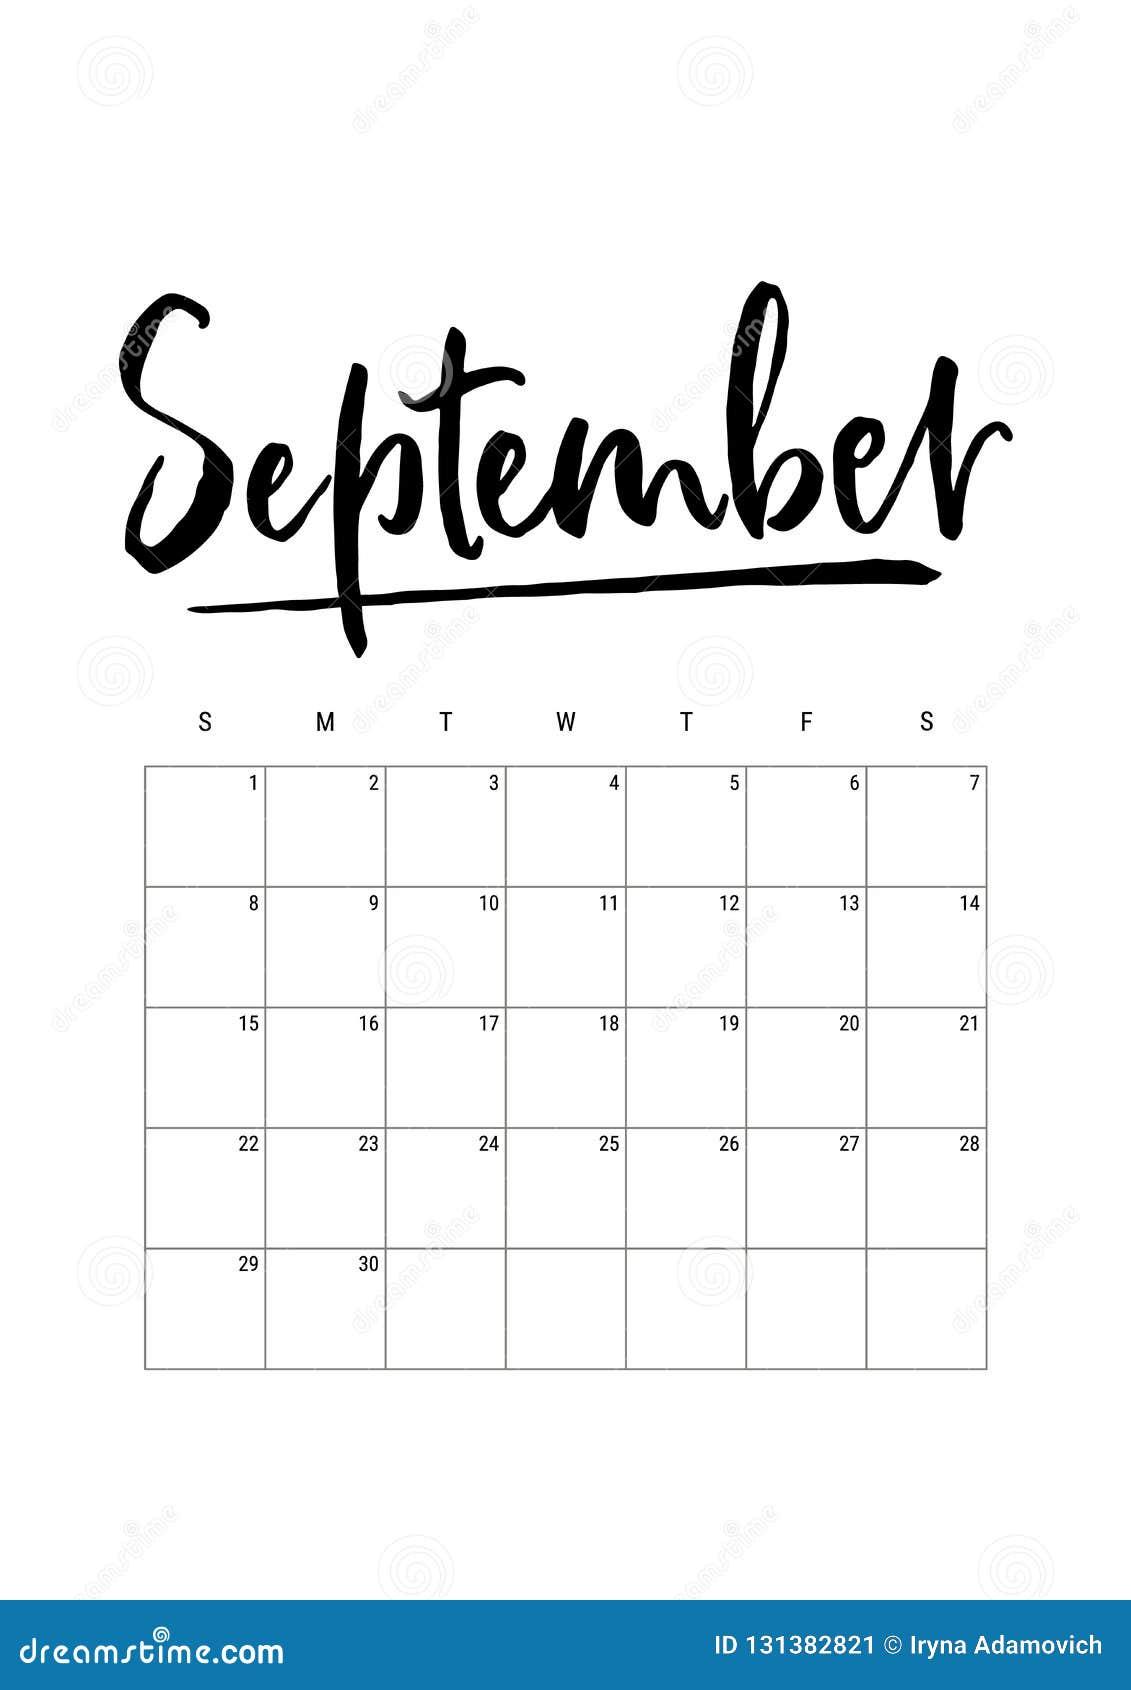 September Calendar Planner 2019 Week Starts On Sunday Part Of Sets